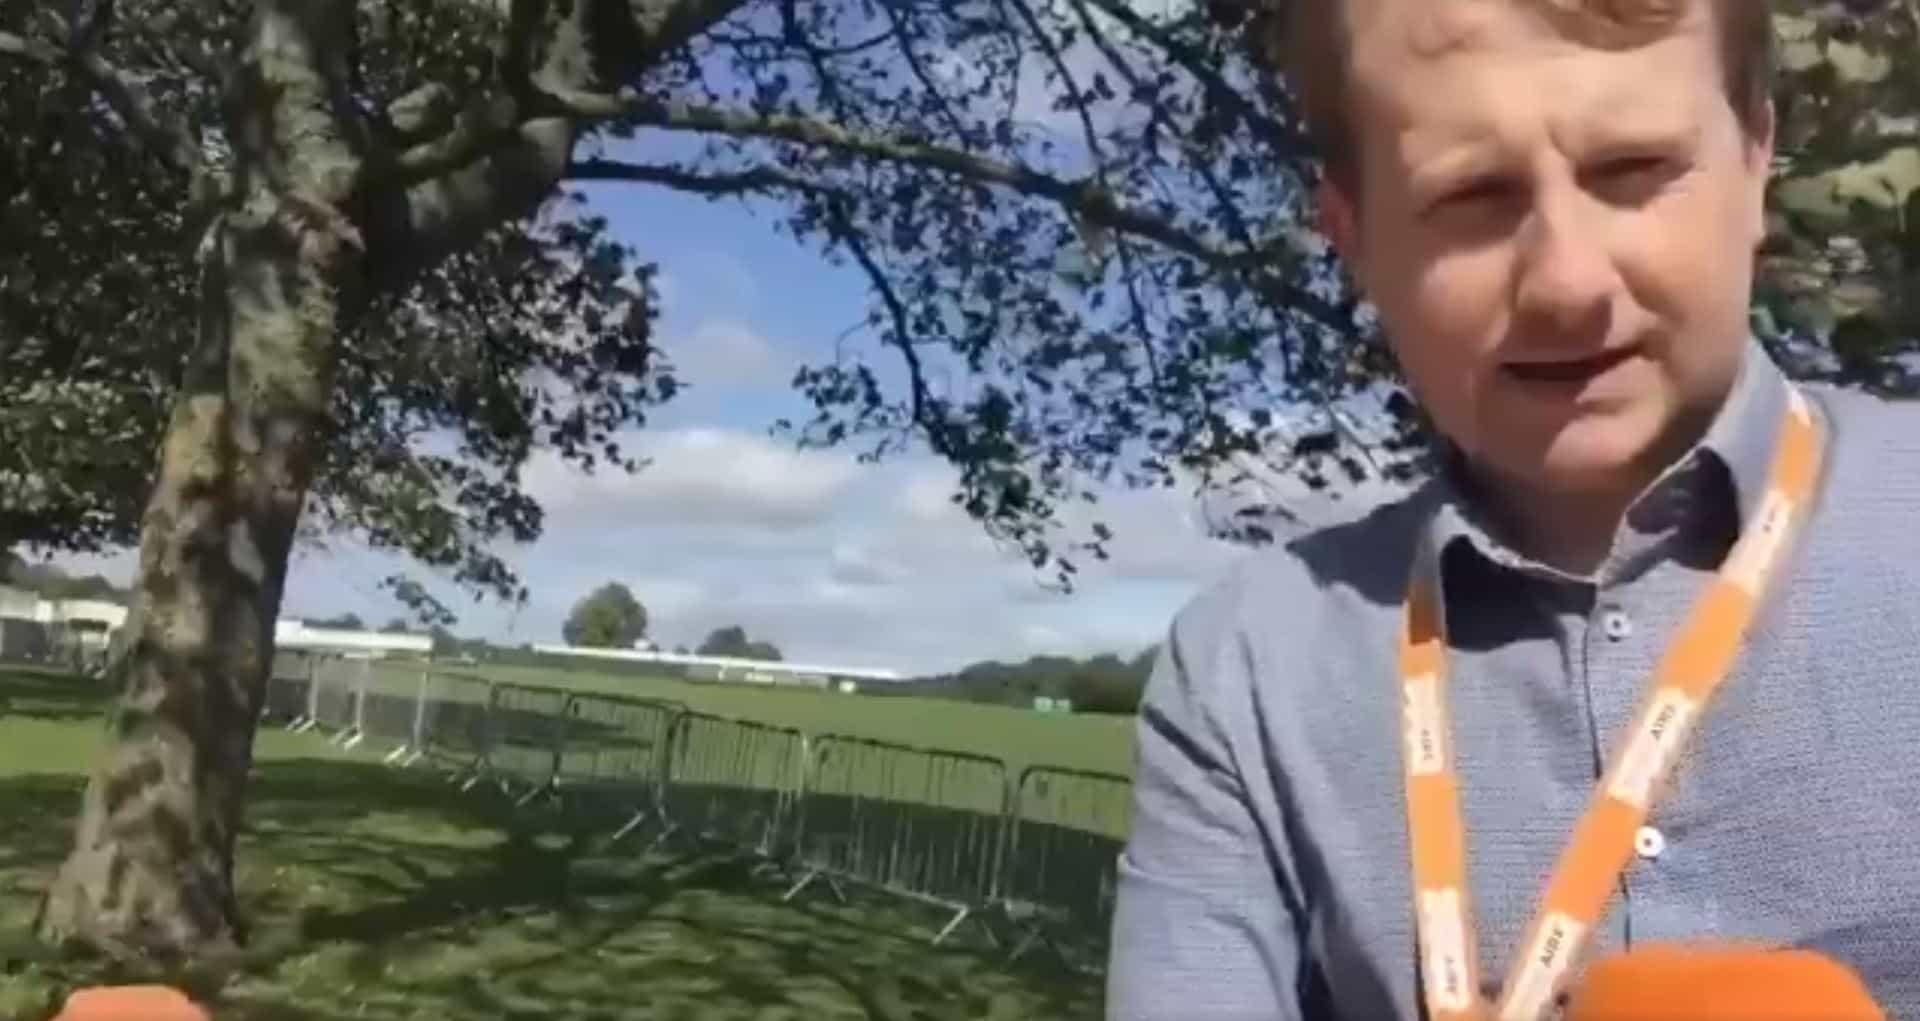 Jornalista tenta fazer reportagem em dia de vento. Resultado é hilariante